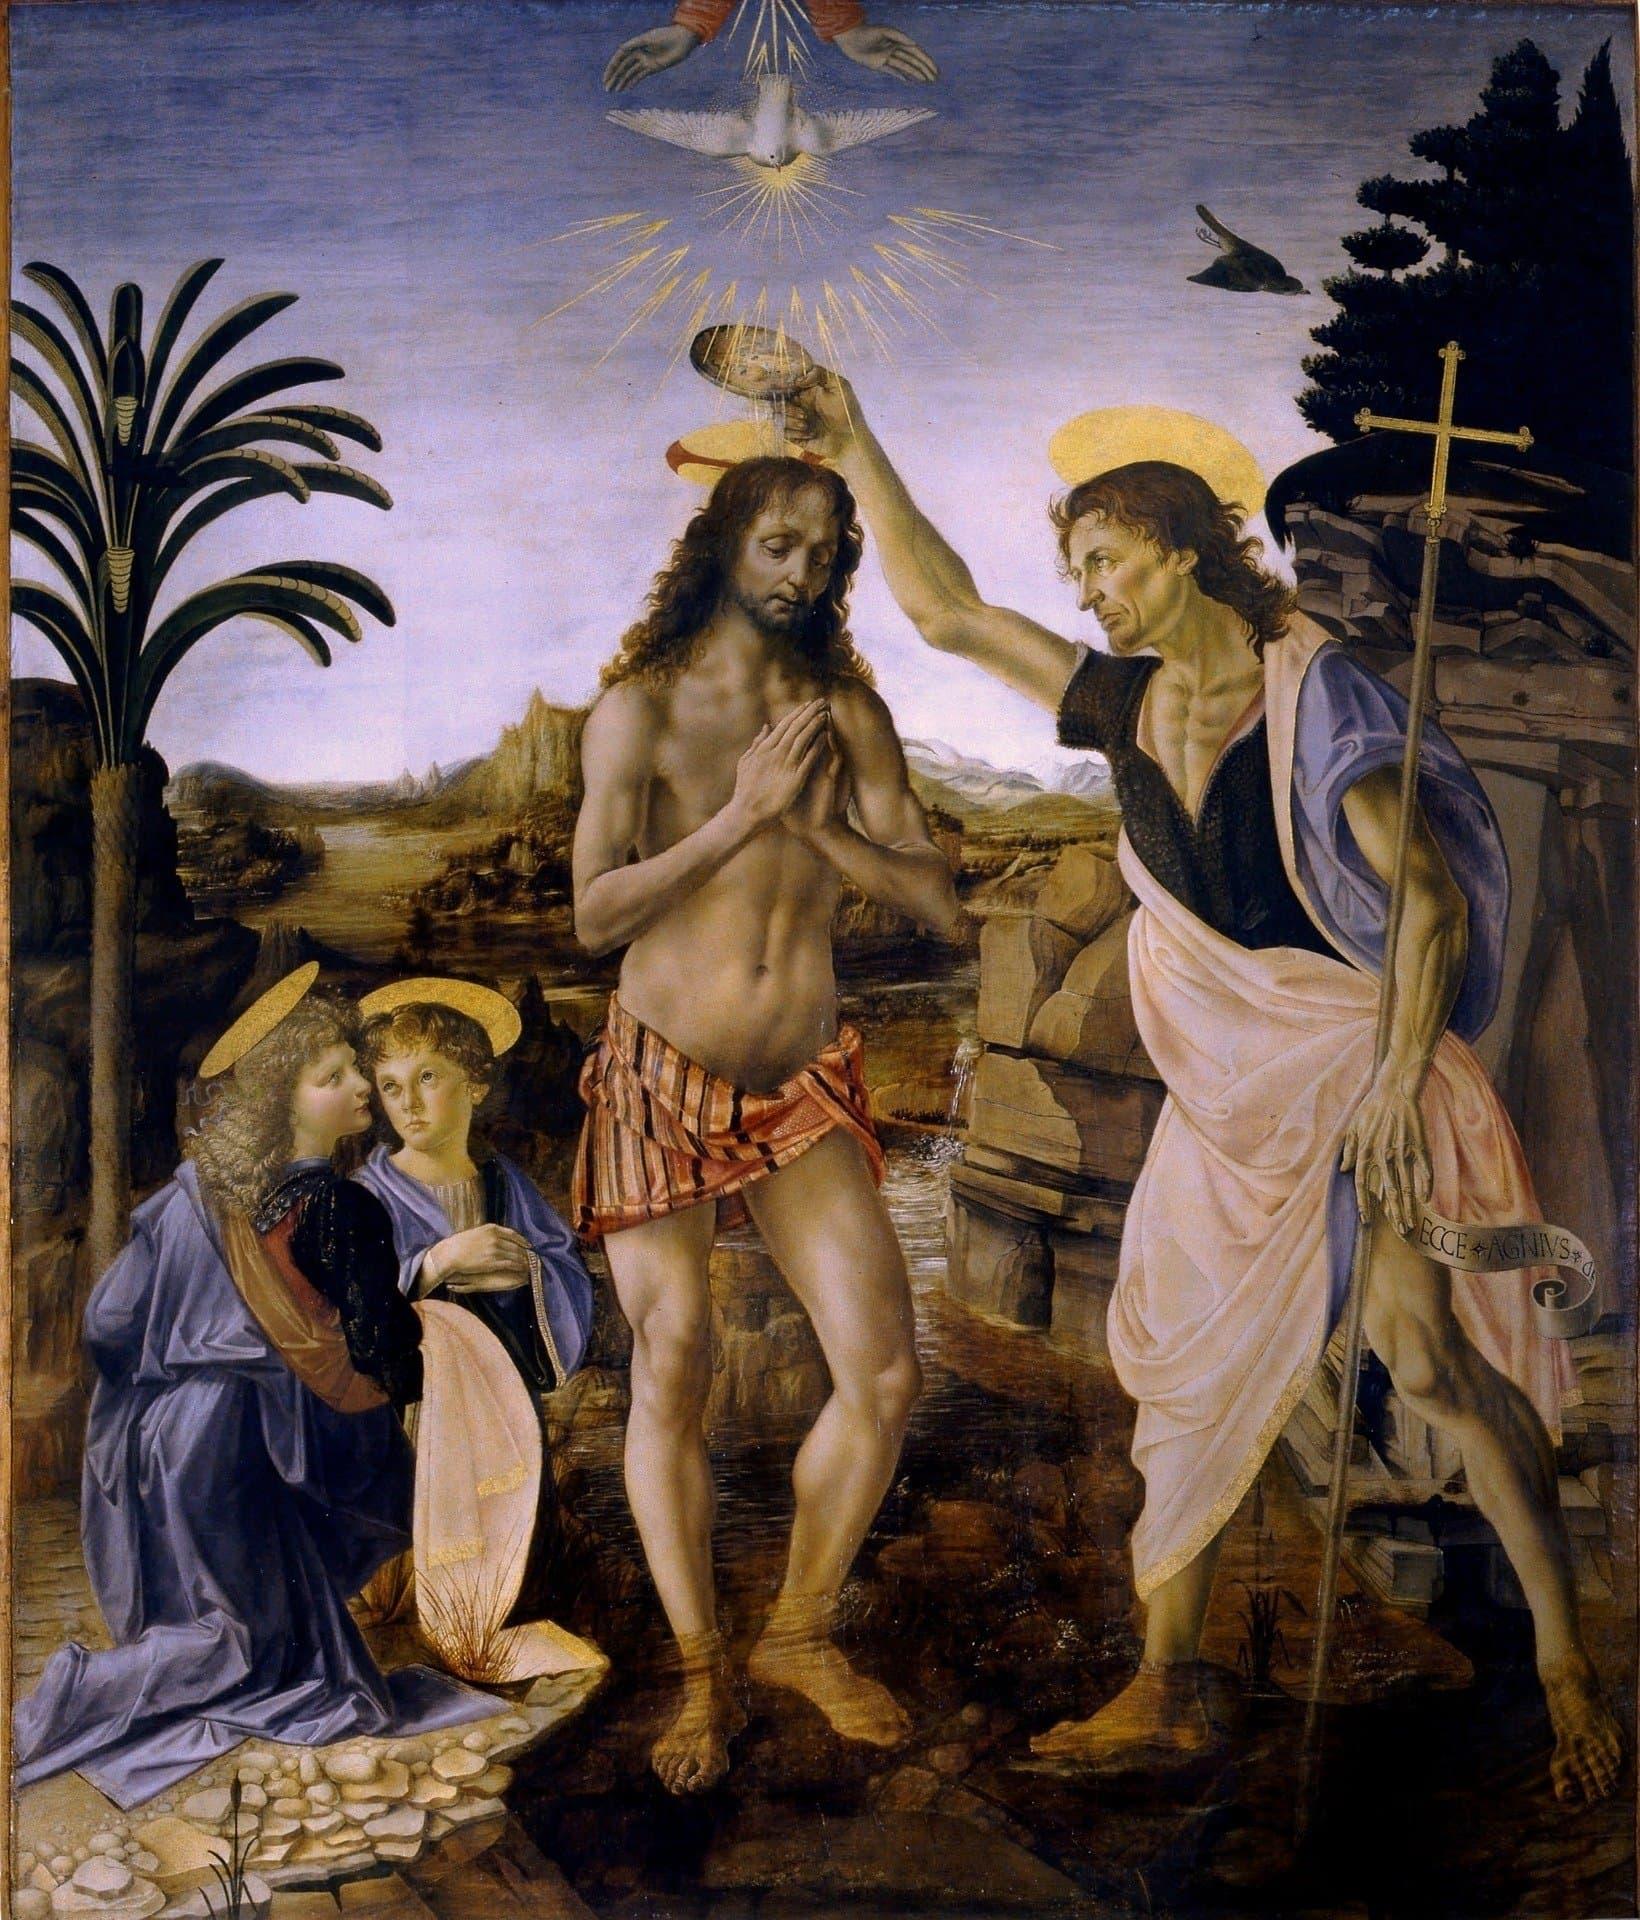 הטבילה של הטבילה של ישו של ורוקיורוקיו